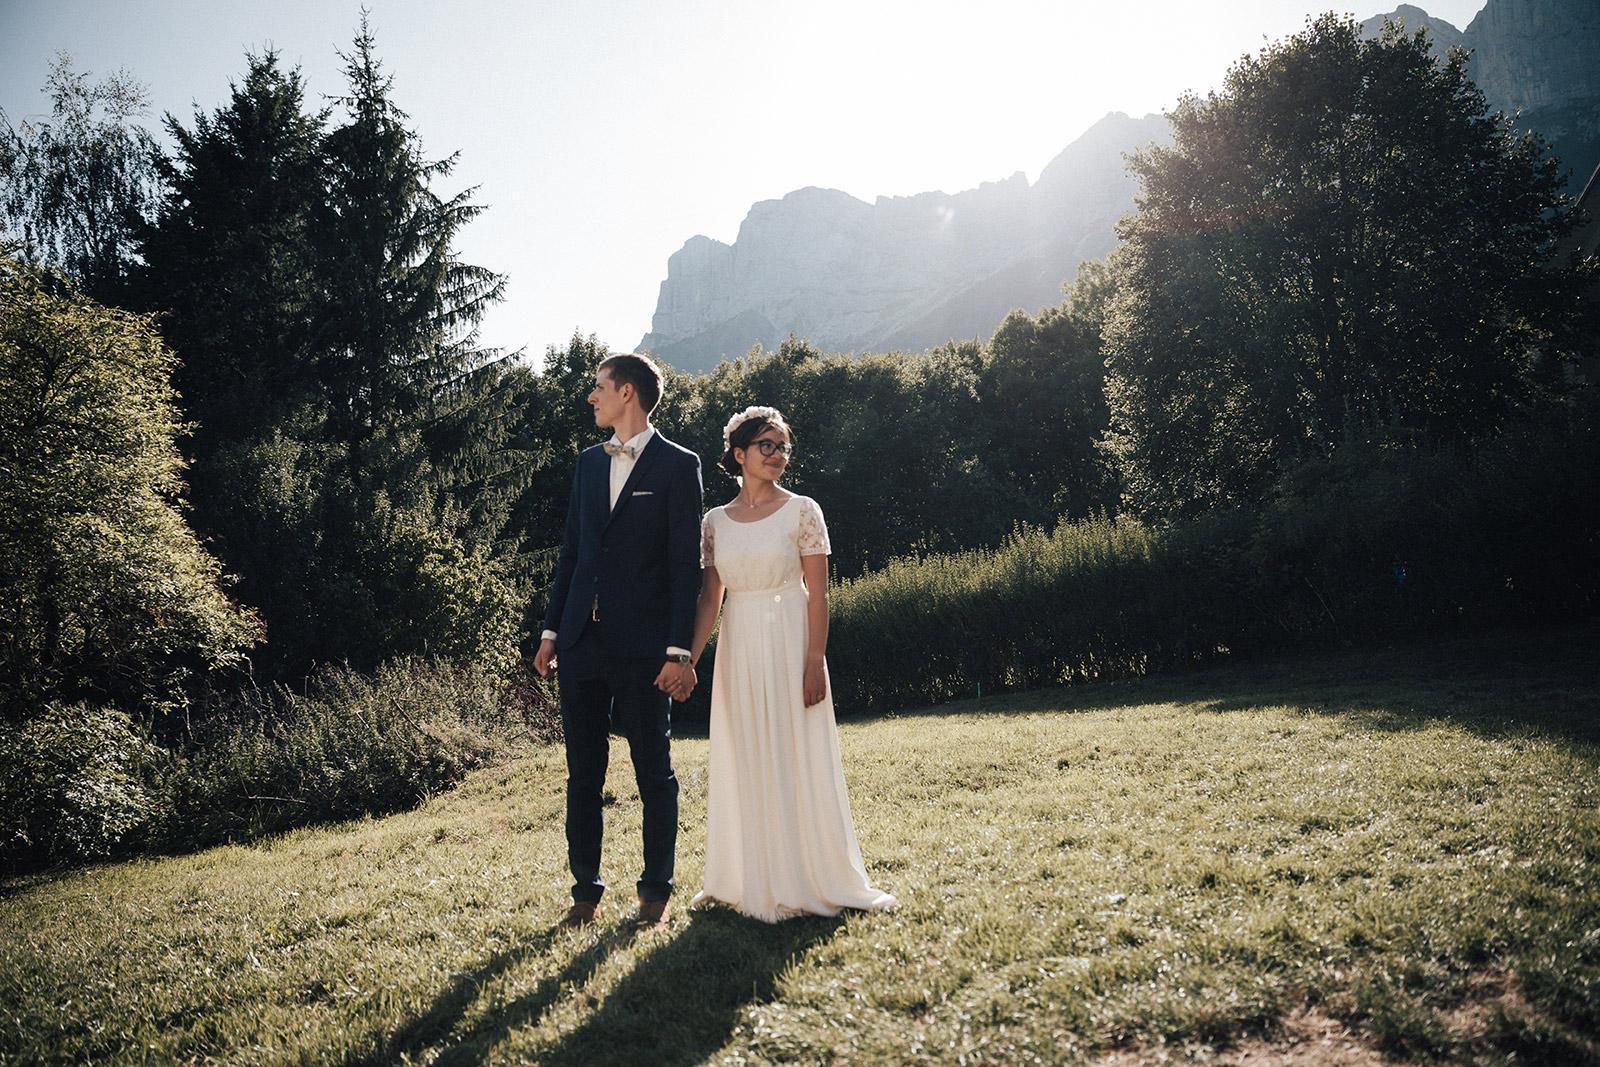 Photographe de mariage montagne alpes